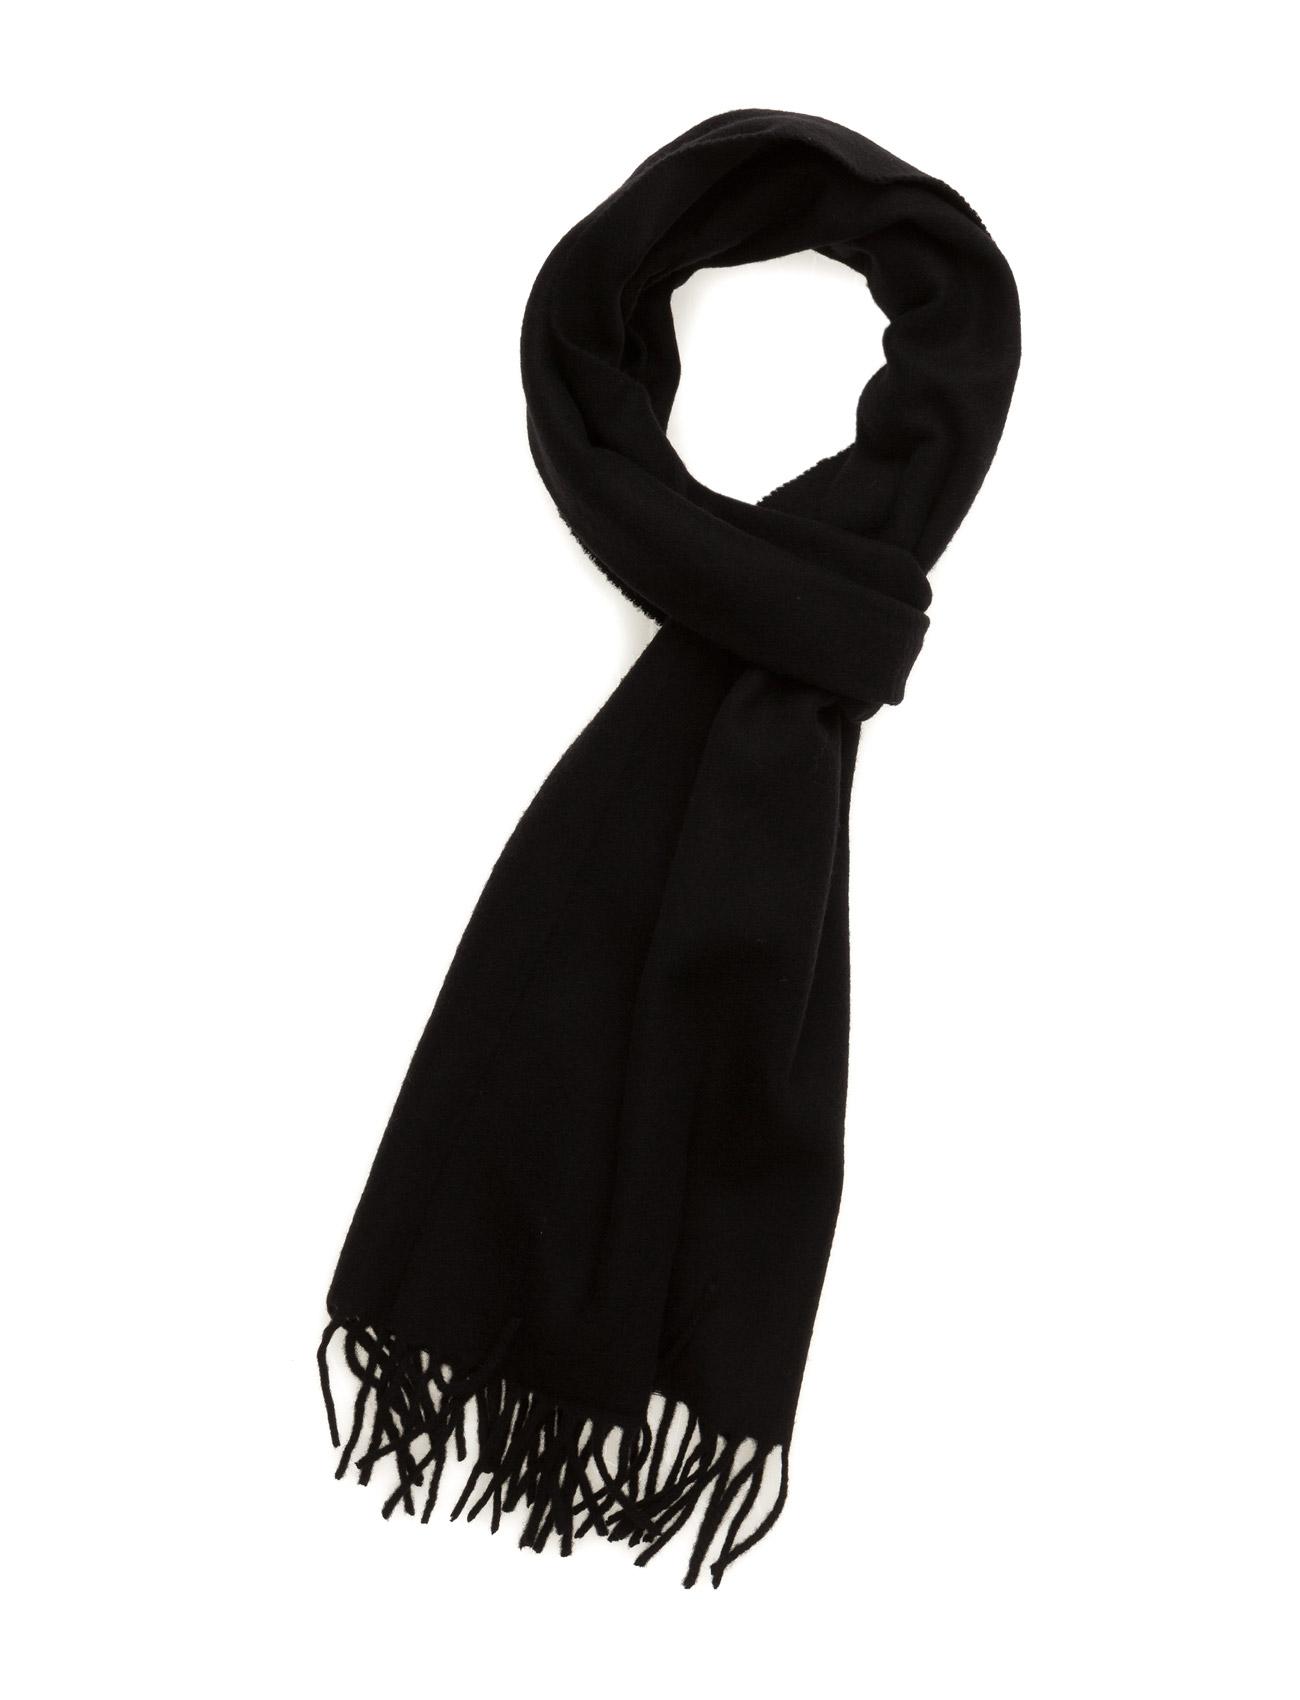 Solido Scots Wool J. Lindeberg Halstørklæder til Herrer i Sort